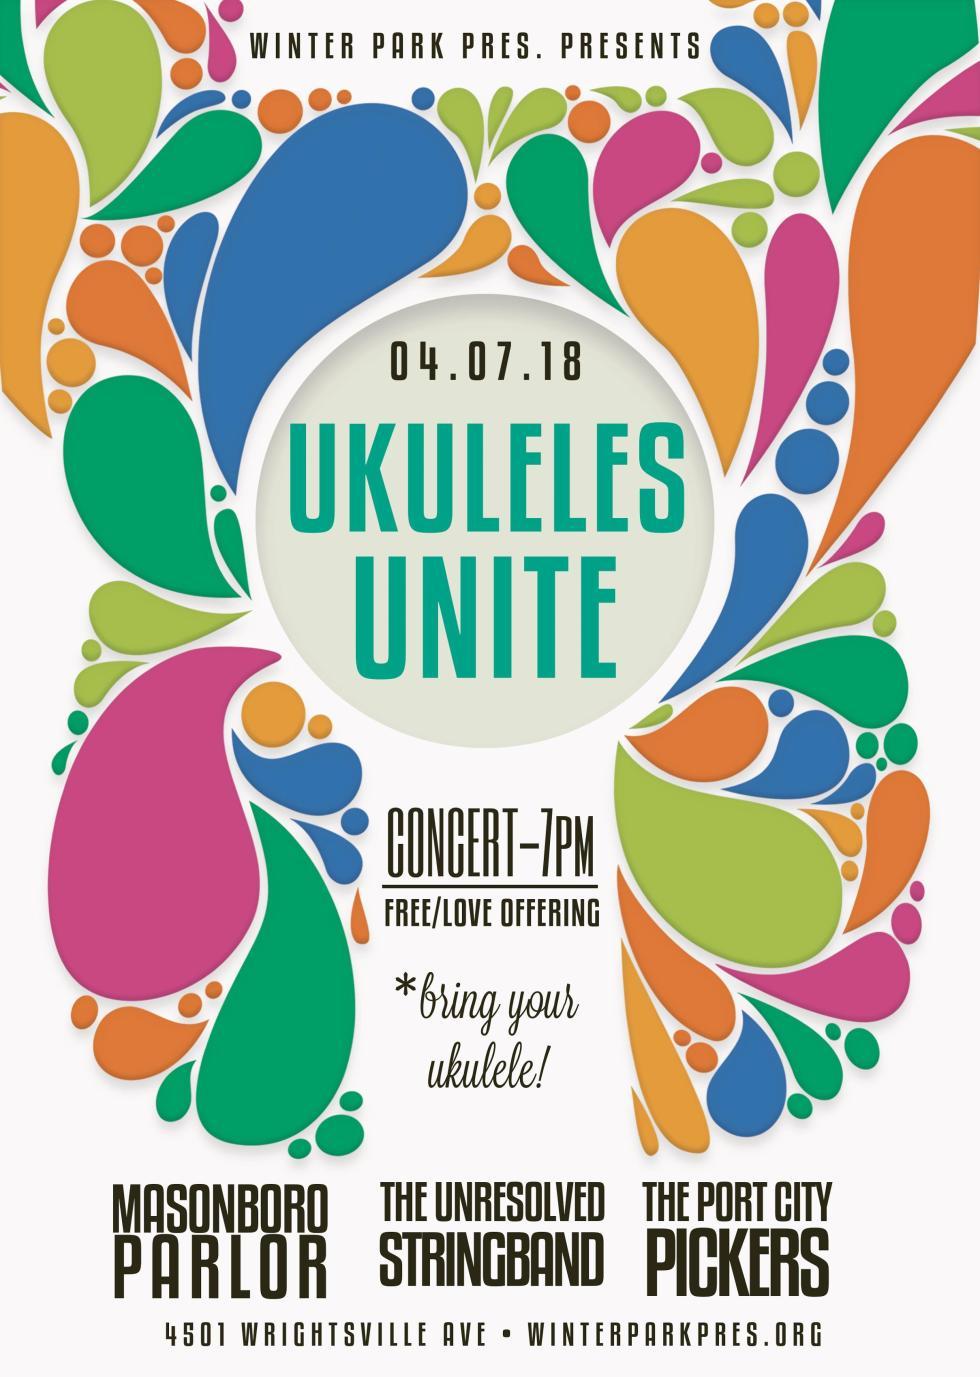 Ukuleles Unite Flyer